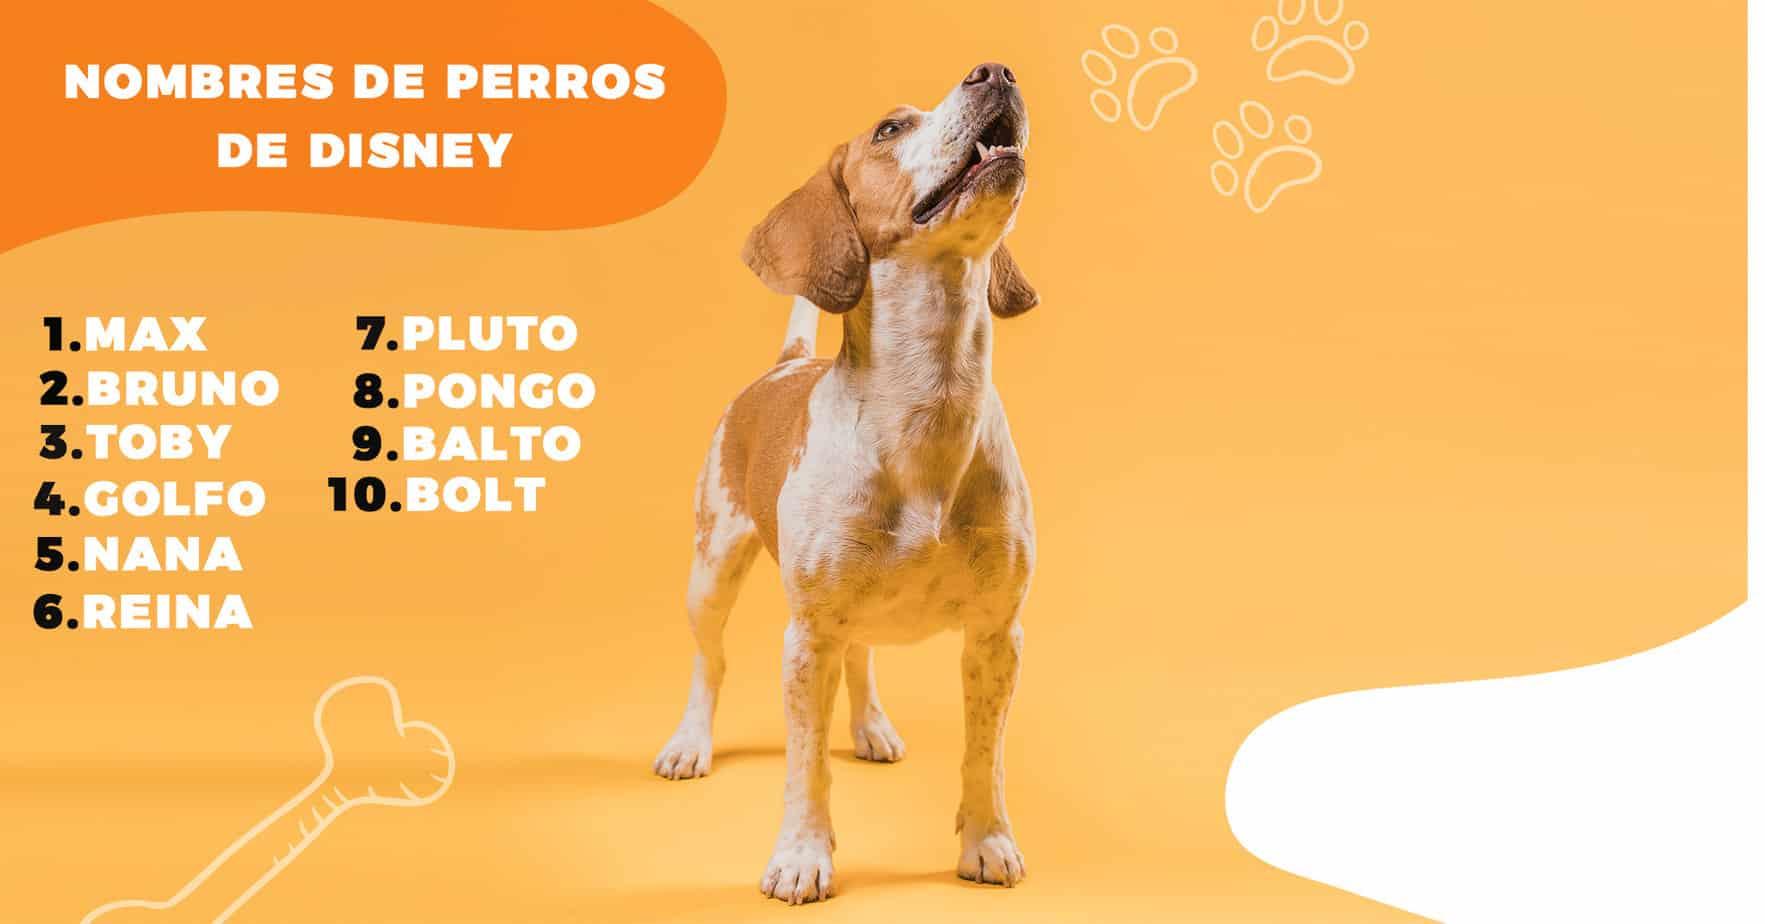 nombres de perros de disney